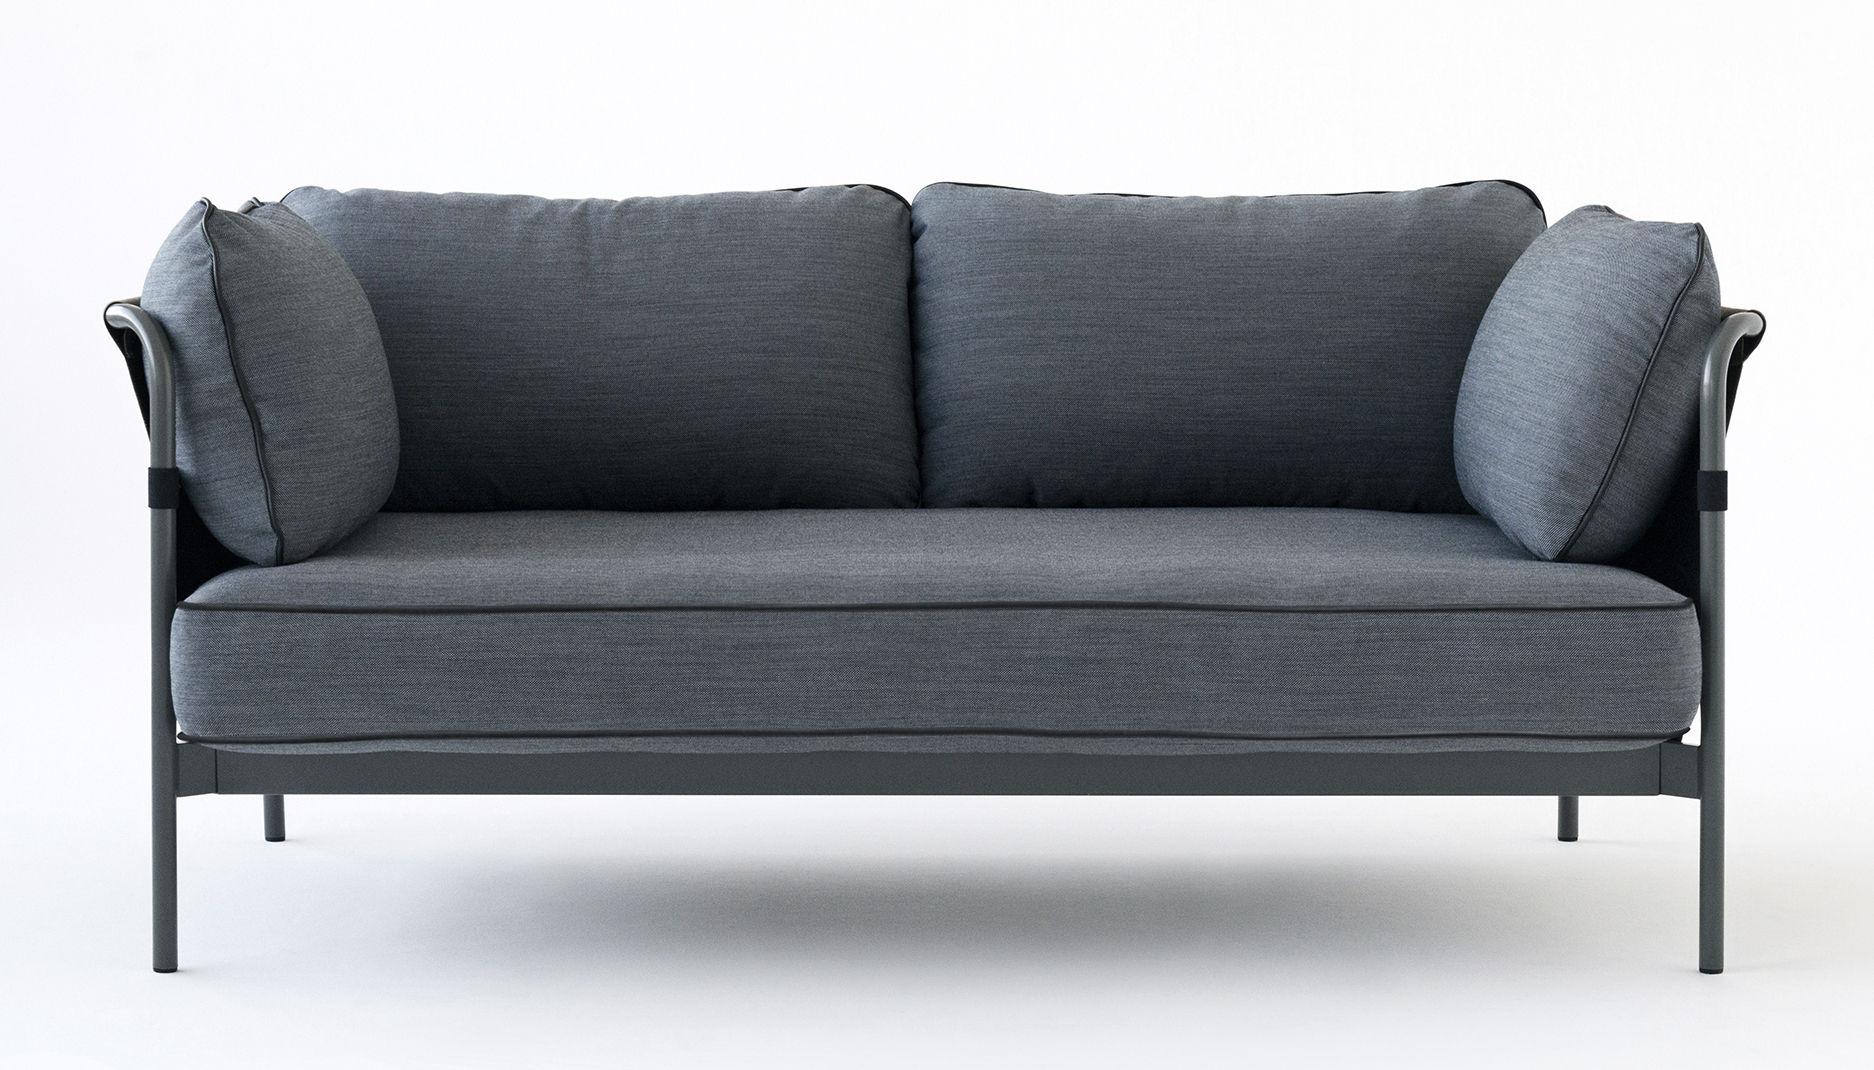 canap droit can 2 places l 172 cm gris bleu c t s kaki m tal gris hay. Black Bedroom Furniture Sets. Home Design Ideas